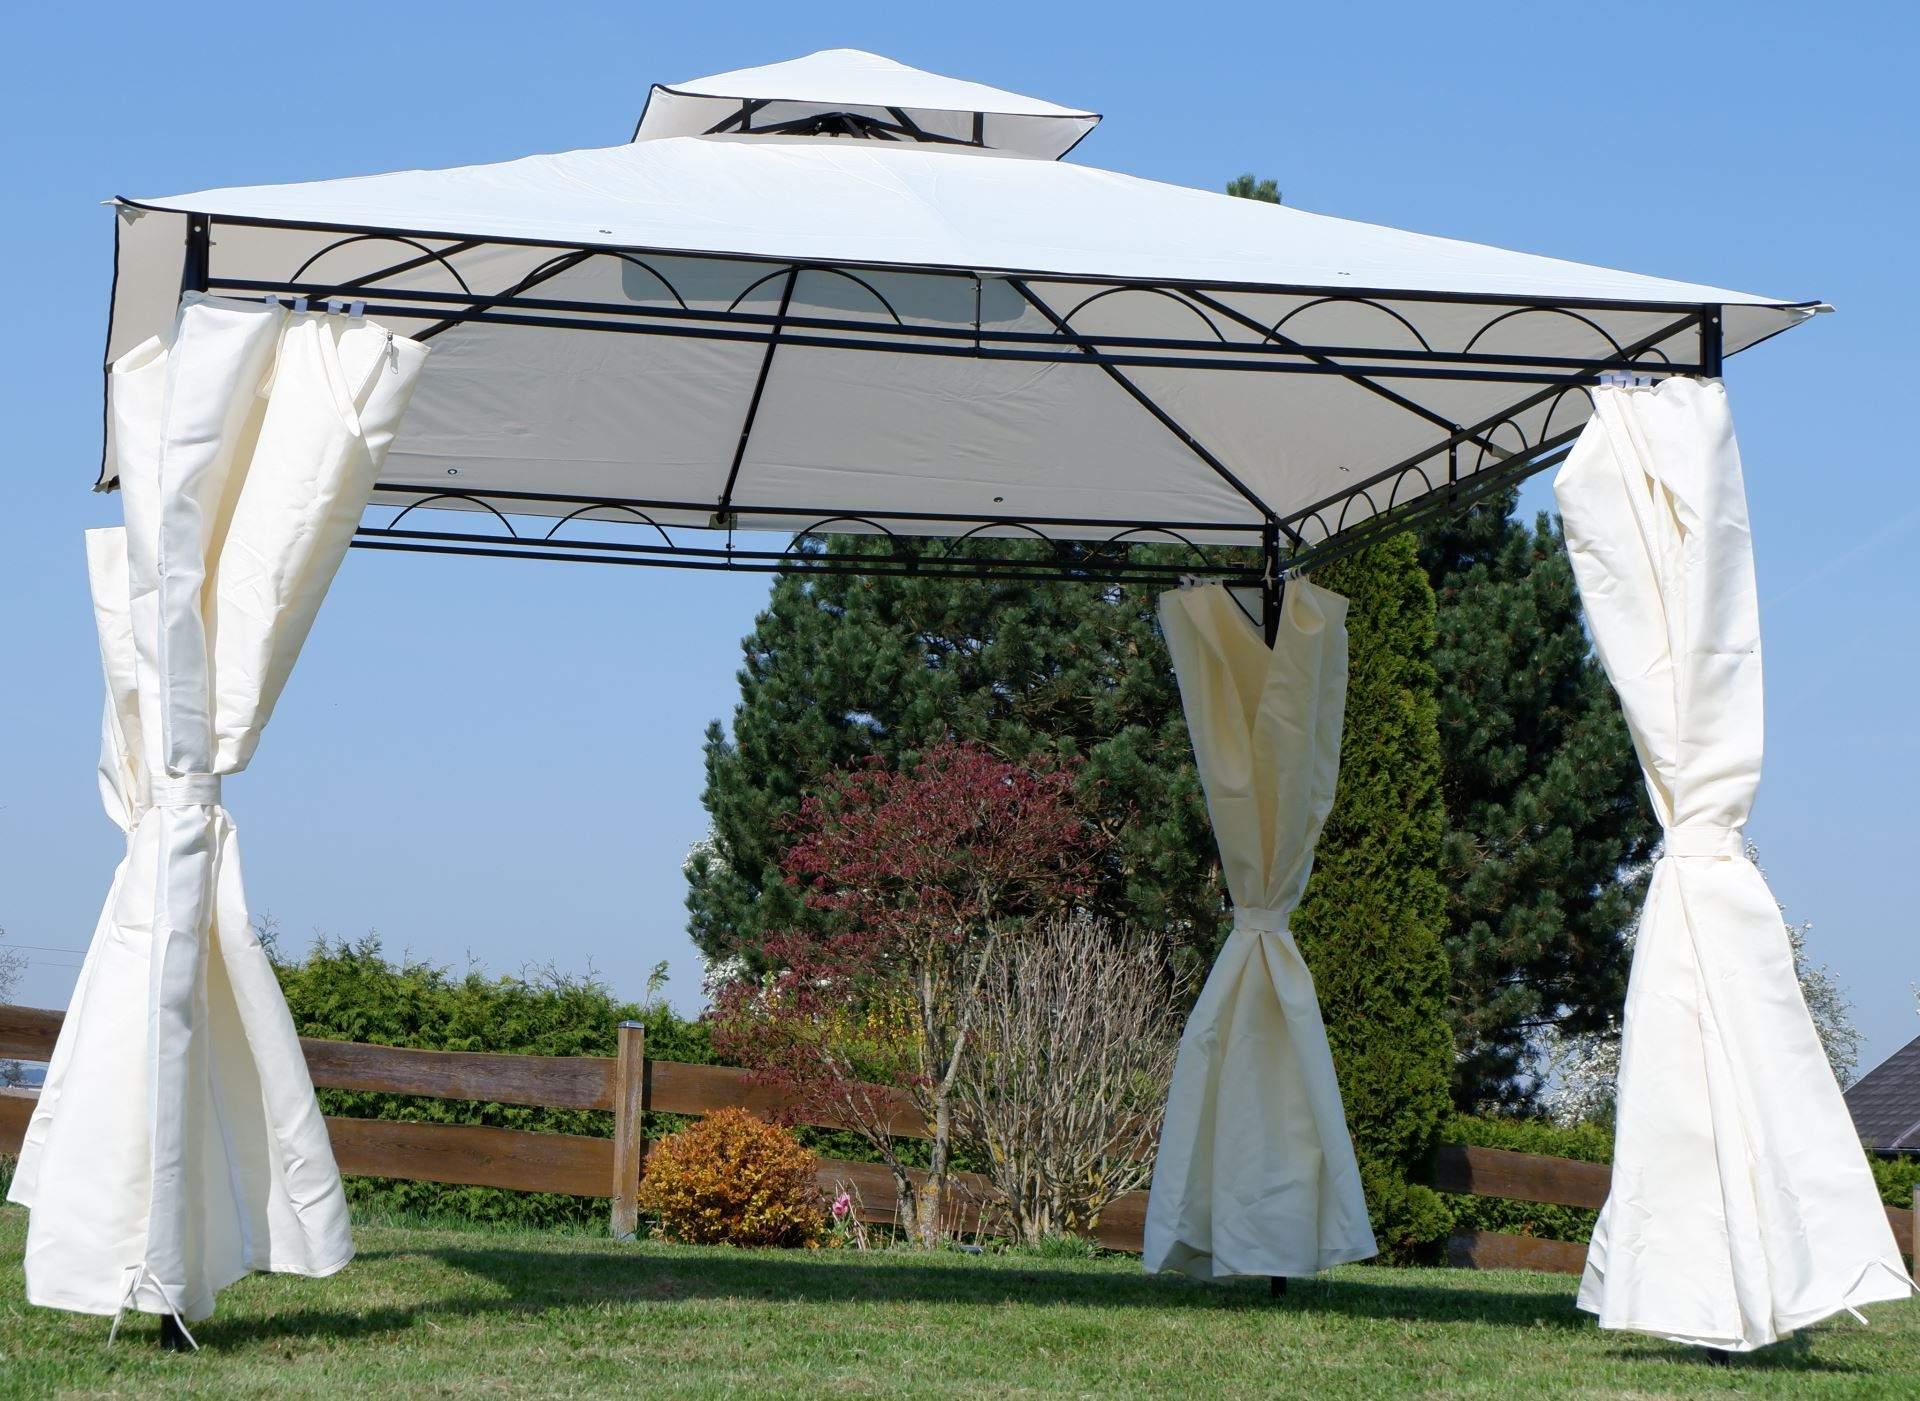 Pavillon Garten Einzigartig Eleganter Garten Pavillon 3×3 Meter Dach Wasserdicht Uv30 9m² Mit 4 Vorhängen Quadratisch Modell 7075 3×3